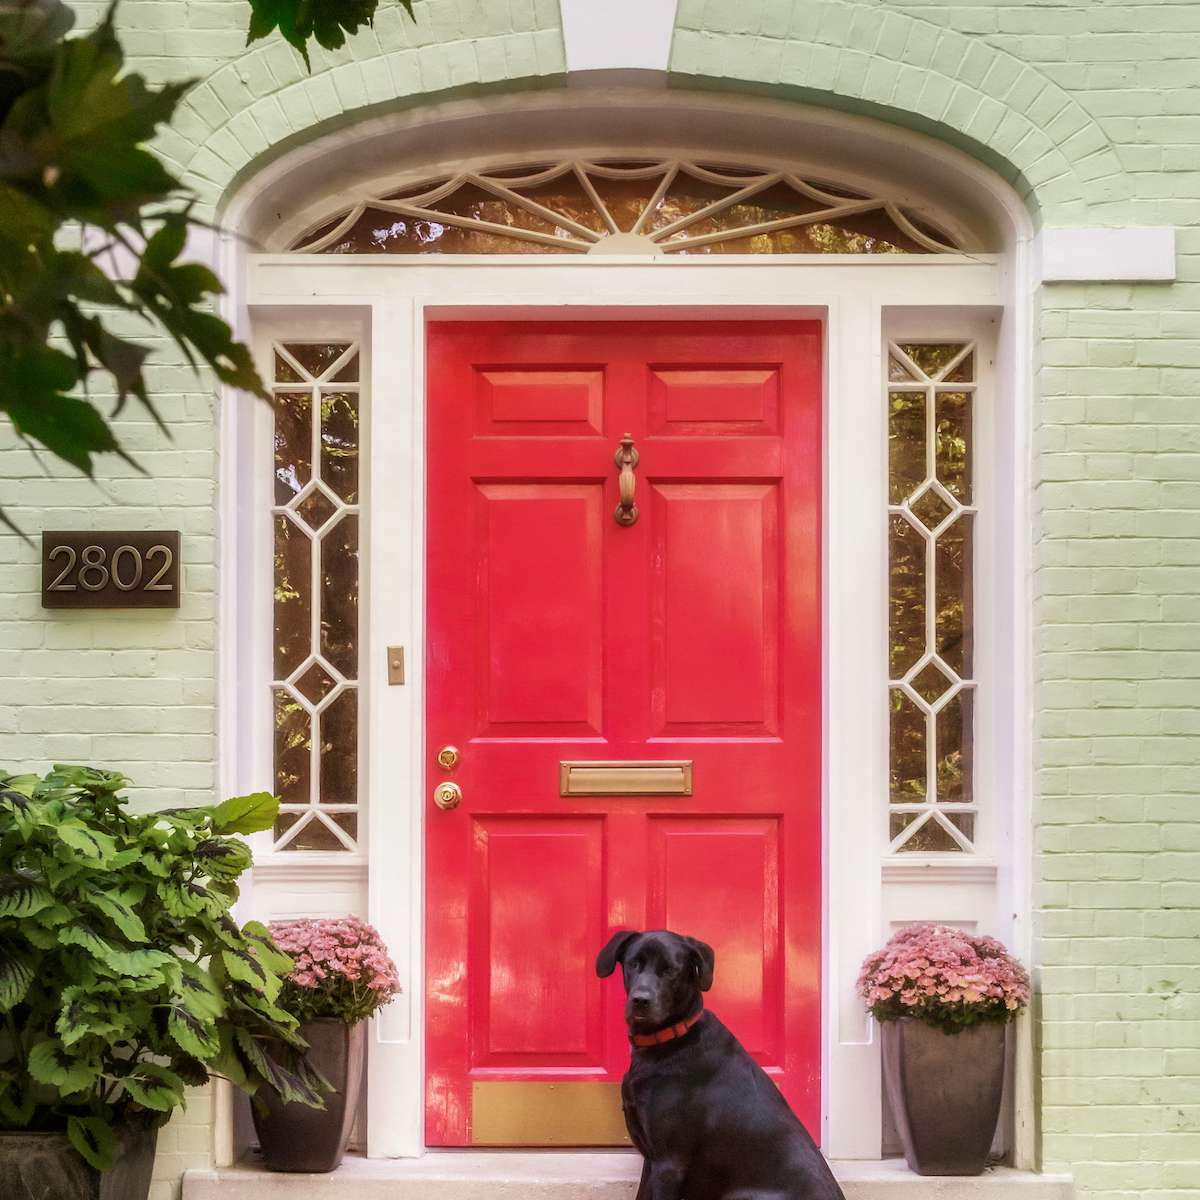 Bright pink door